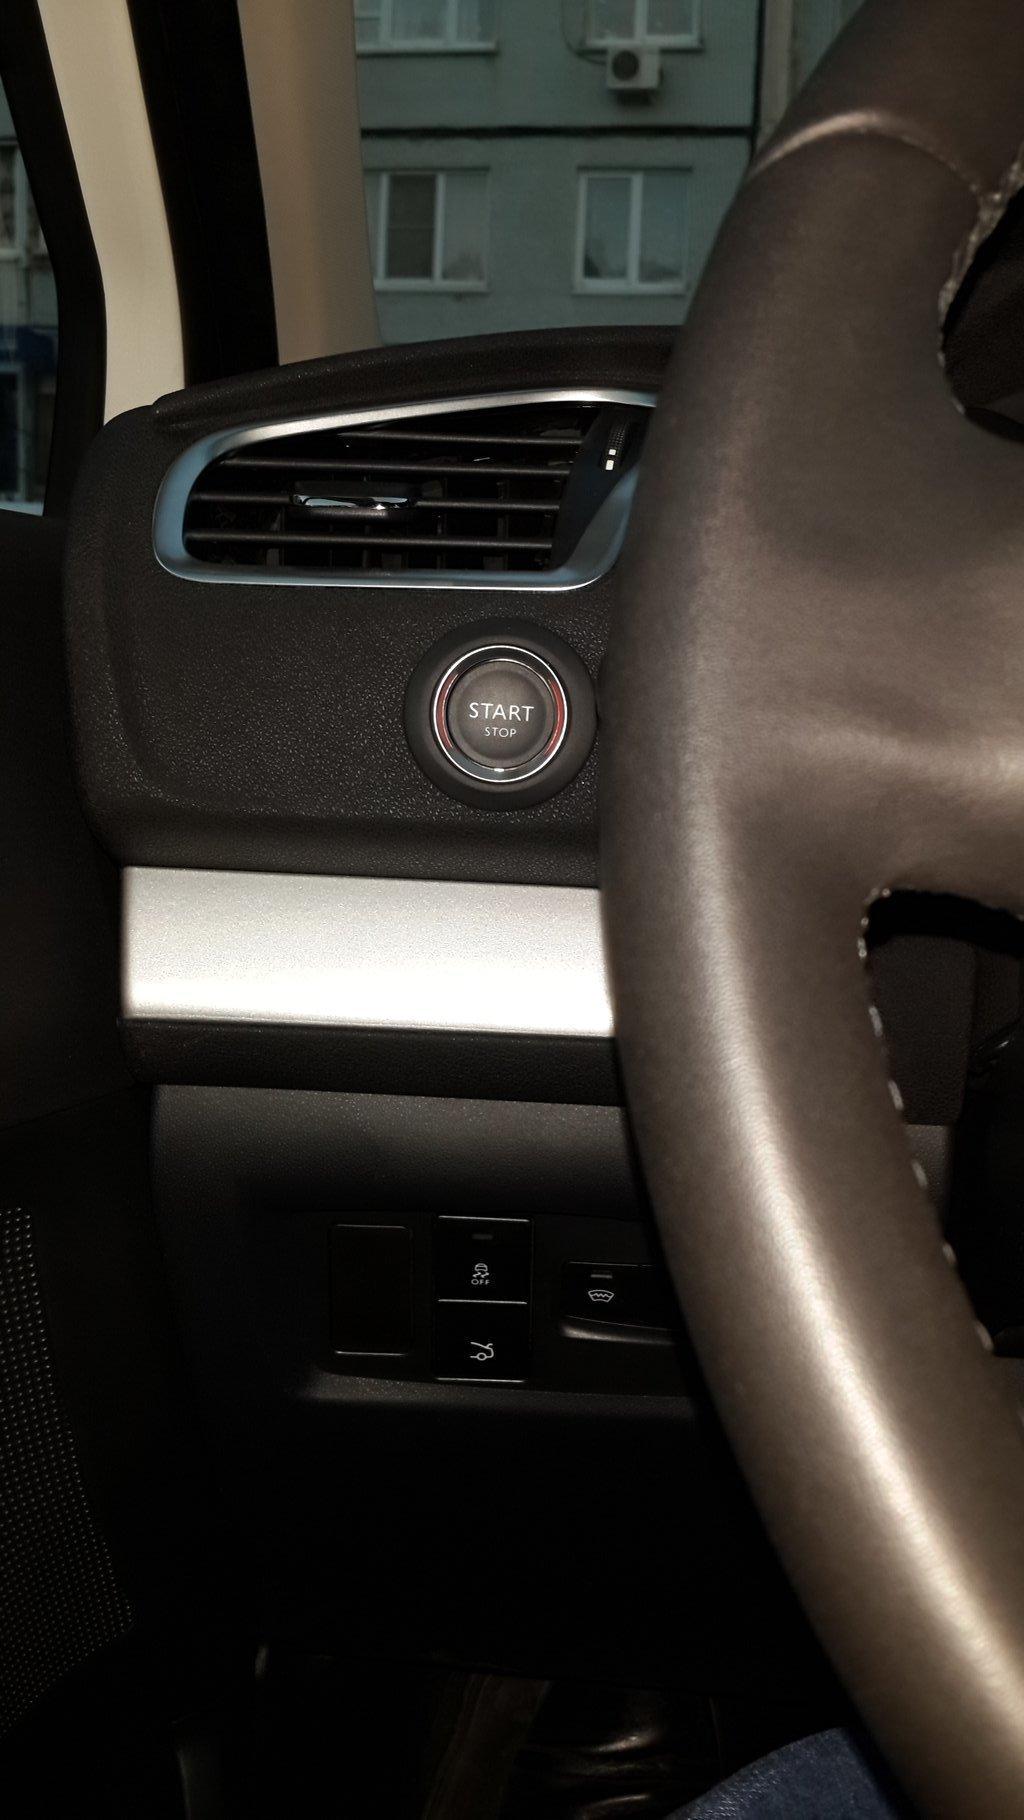 кнопка включения. Немного странное решение. Если бы ее расположили справа от руля, как обычно, то сюда можно было бы вытянуть кнопку включения подогрева лобовухи и багажника. И к ним бы не пришлось тянуться вслепую.